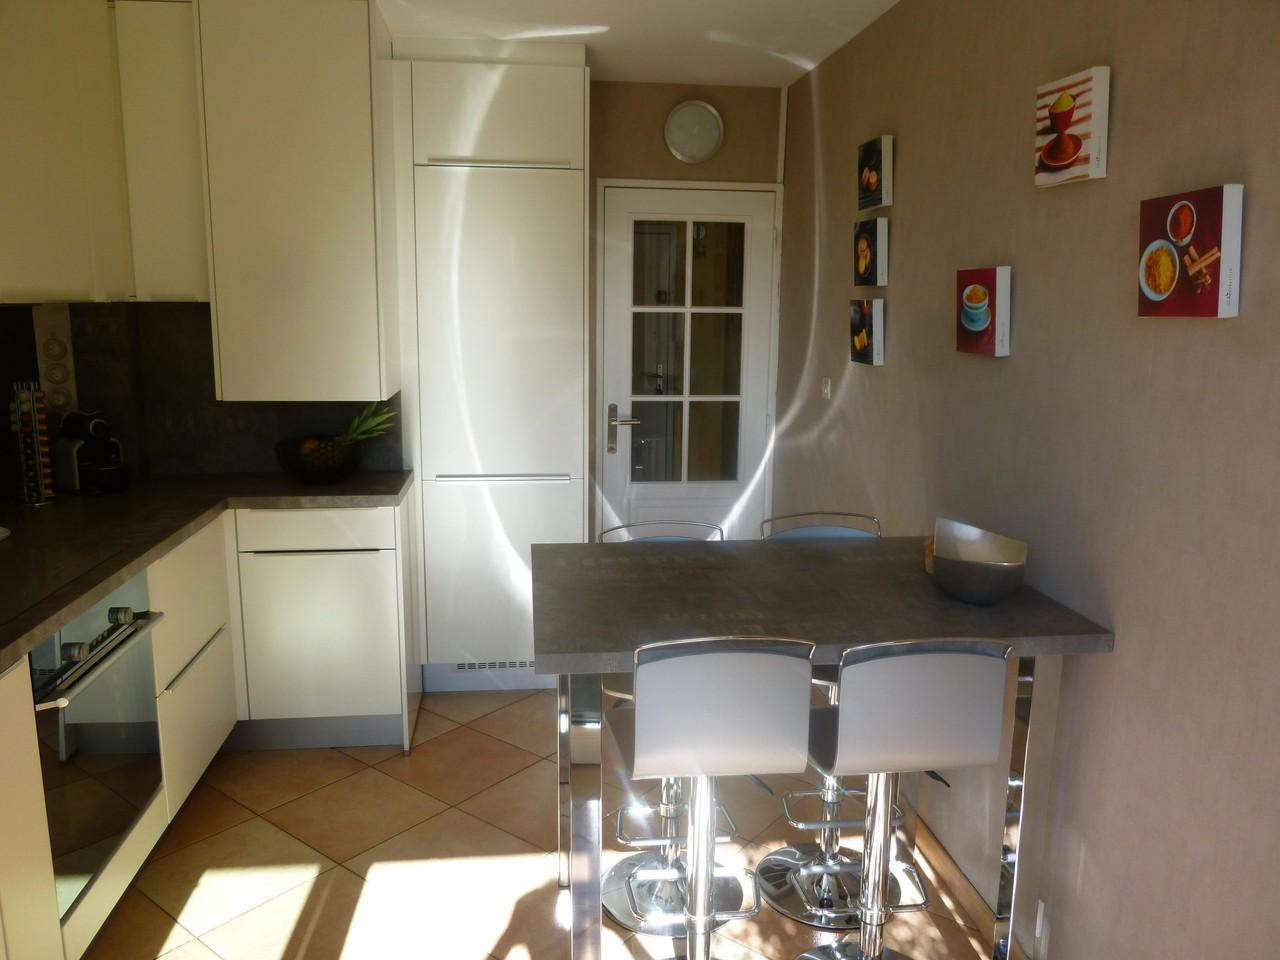 tout est intégré dans un espace réduit par Cuisine interieur design Toulouse